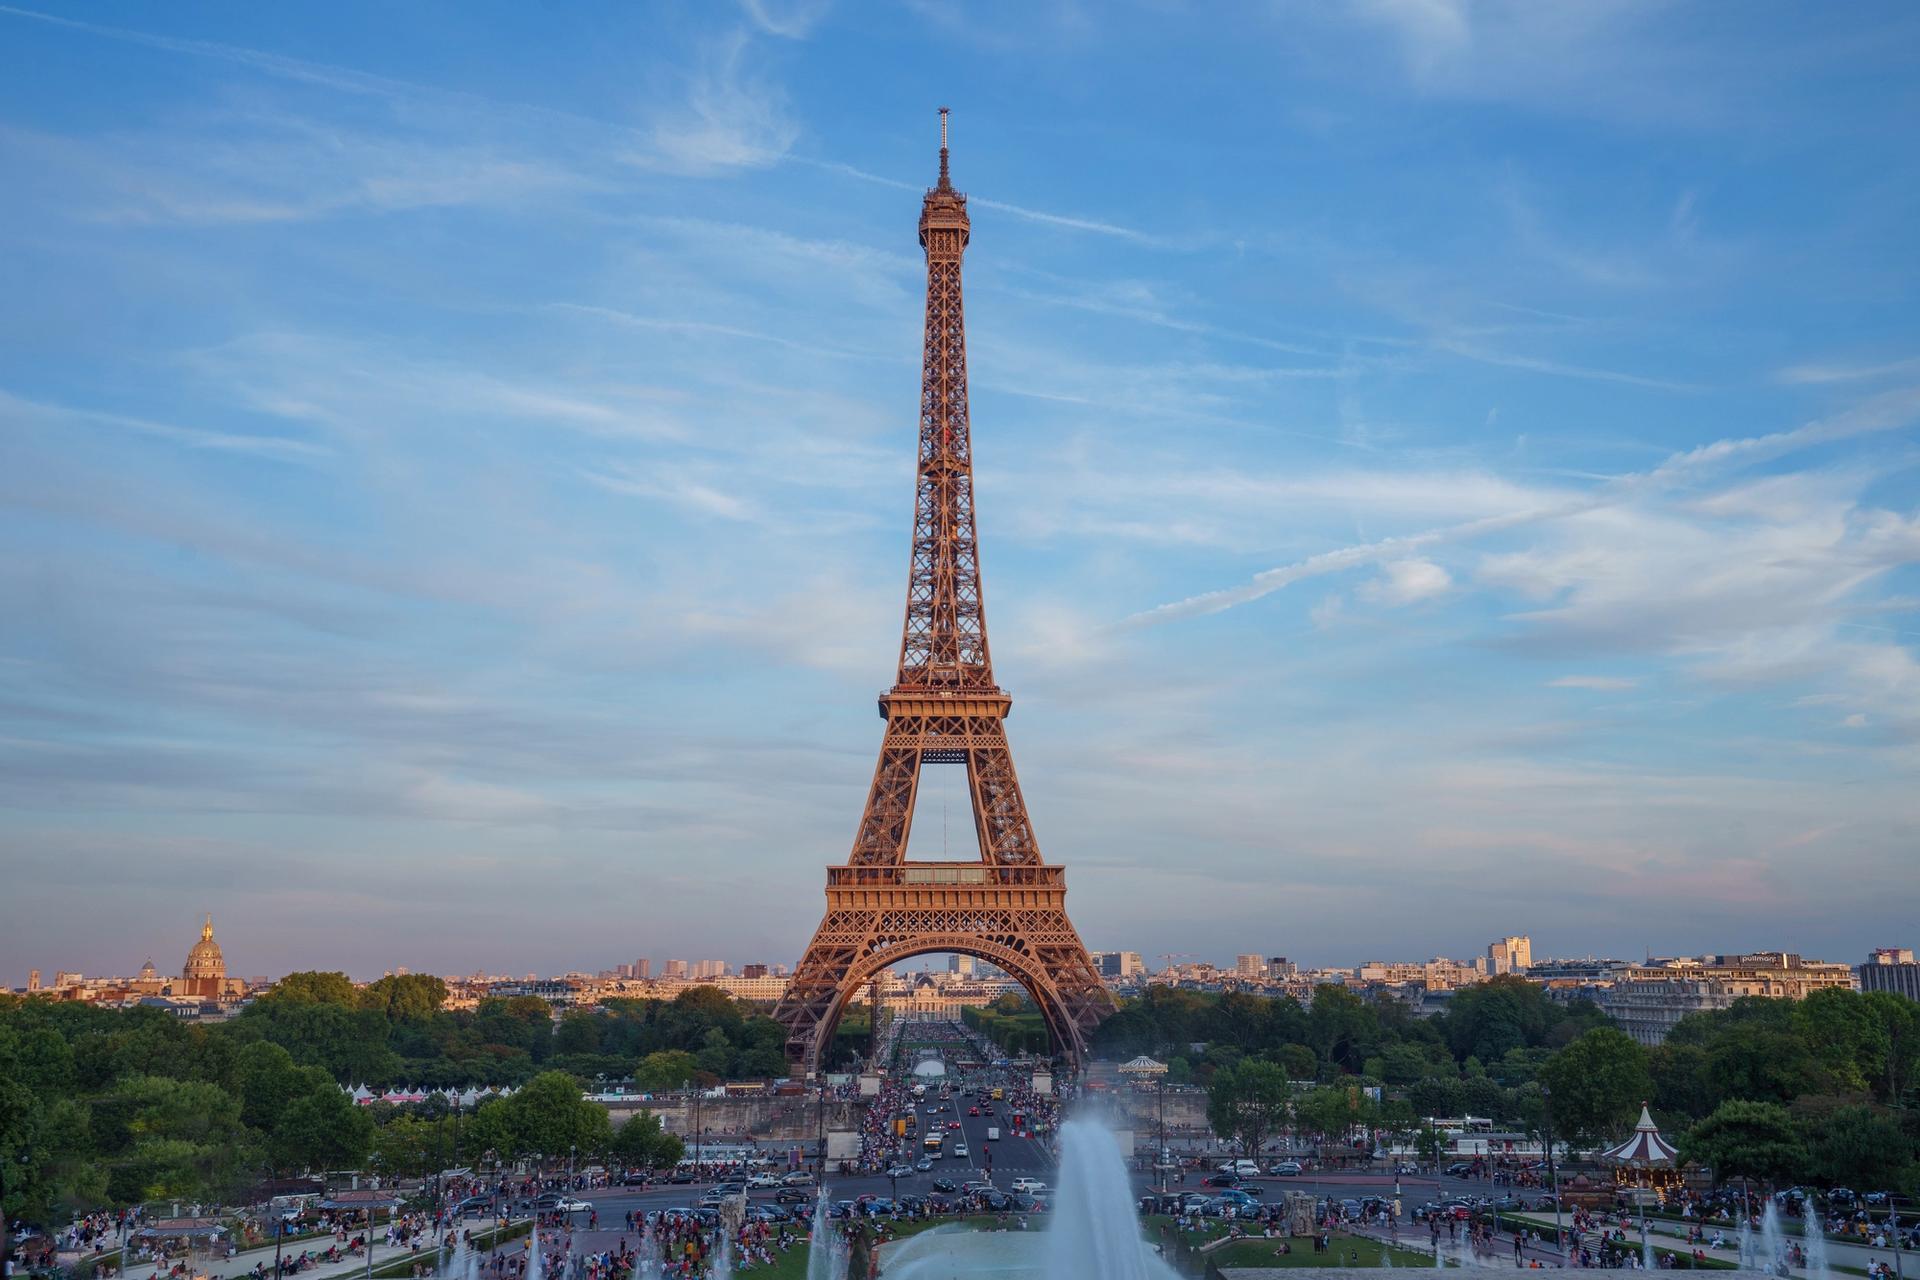 Der Eifelturm in Paris, der sich für erneuerbare Energie einsetzt